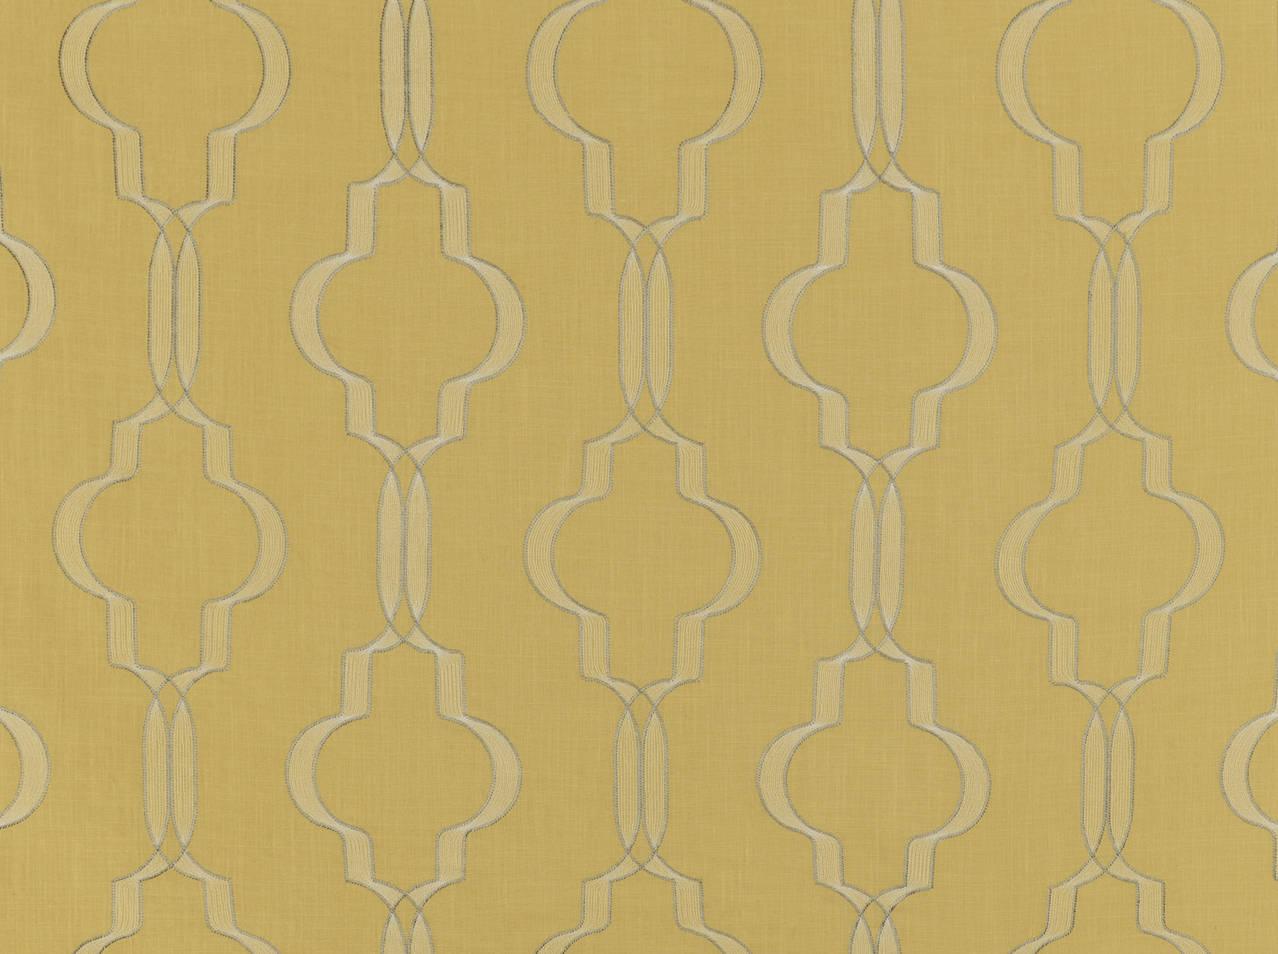 Covington Embroideries Sonata